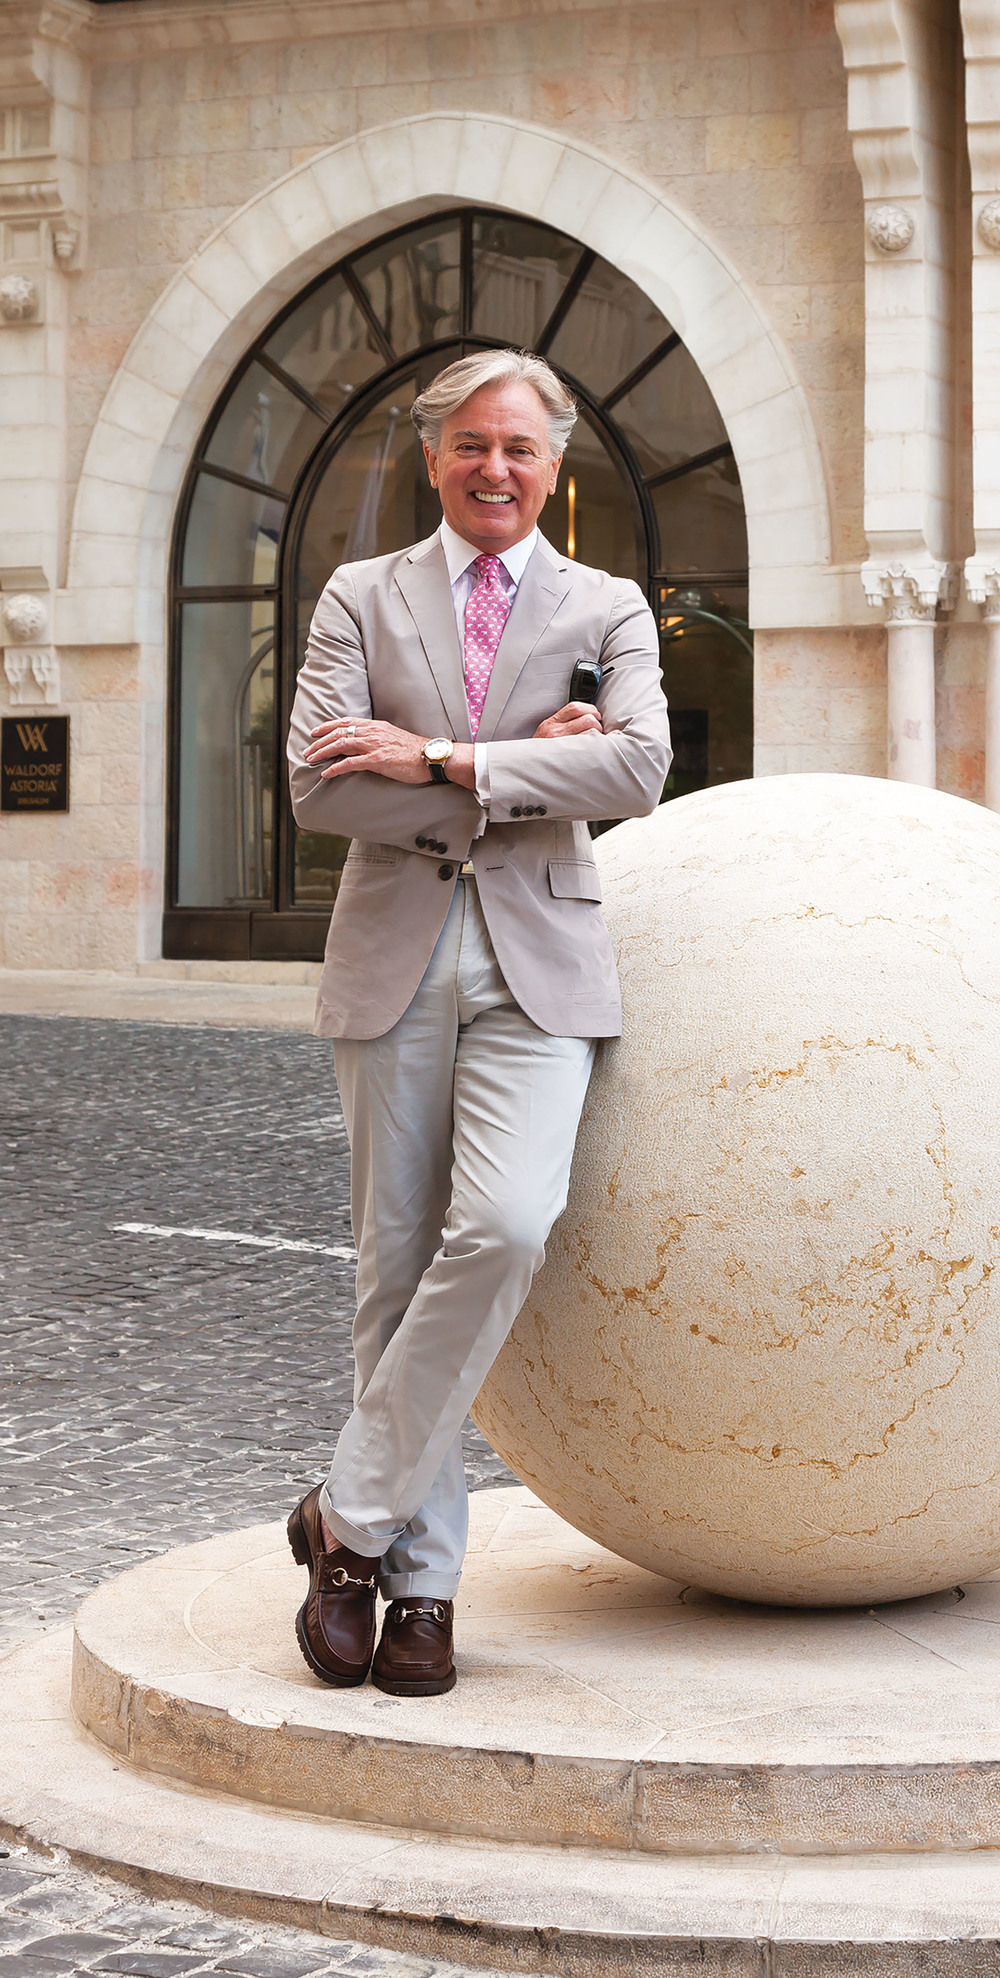 白爵飛先生是「白爵飛公司」的創始人。他最近與羅里克ف托賓先生共同成立了「B&T環球有限公司」,為世界各地的貴賓們提供設計服務。